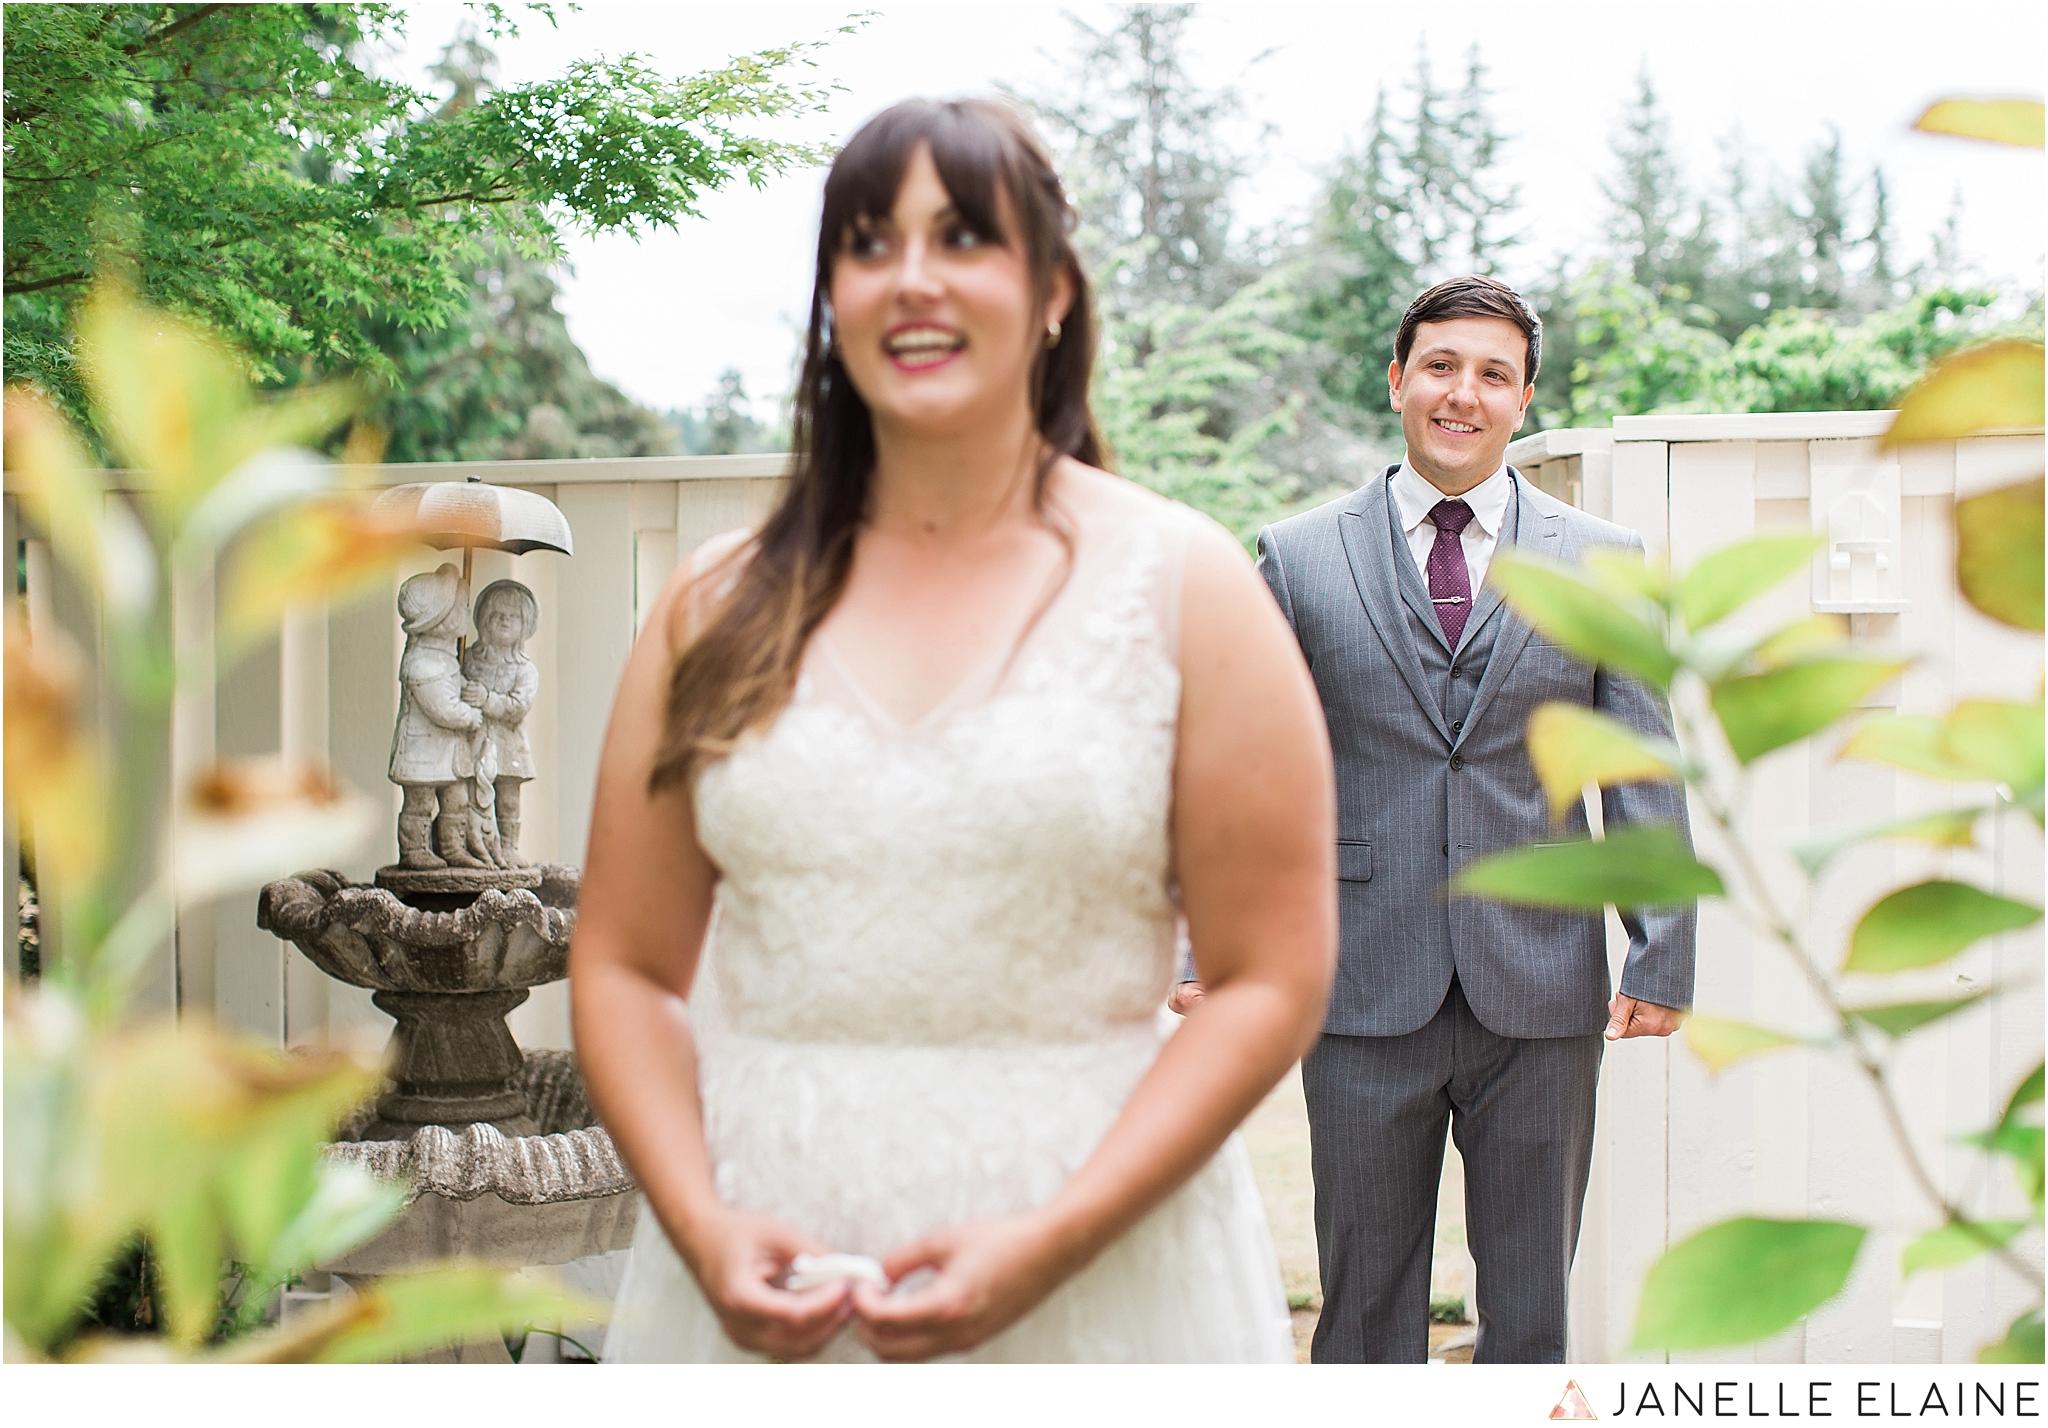 seattle-portrait-engagement-wedding-photographer-janelle-elaine-photography-12.jpg